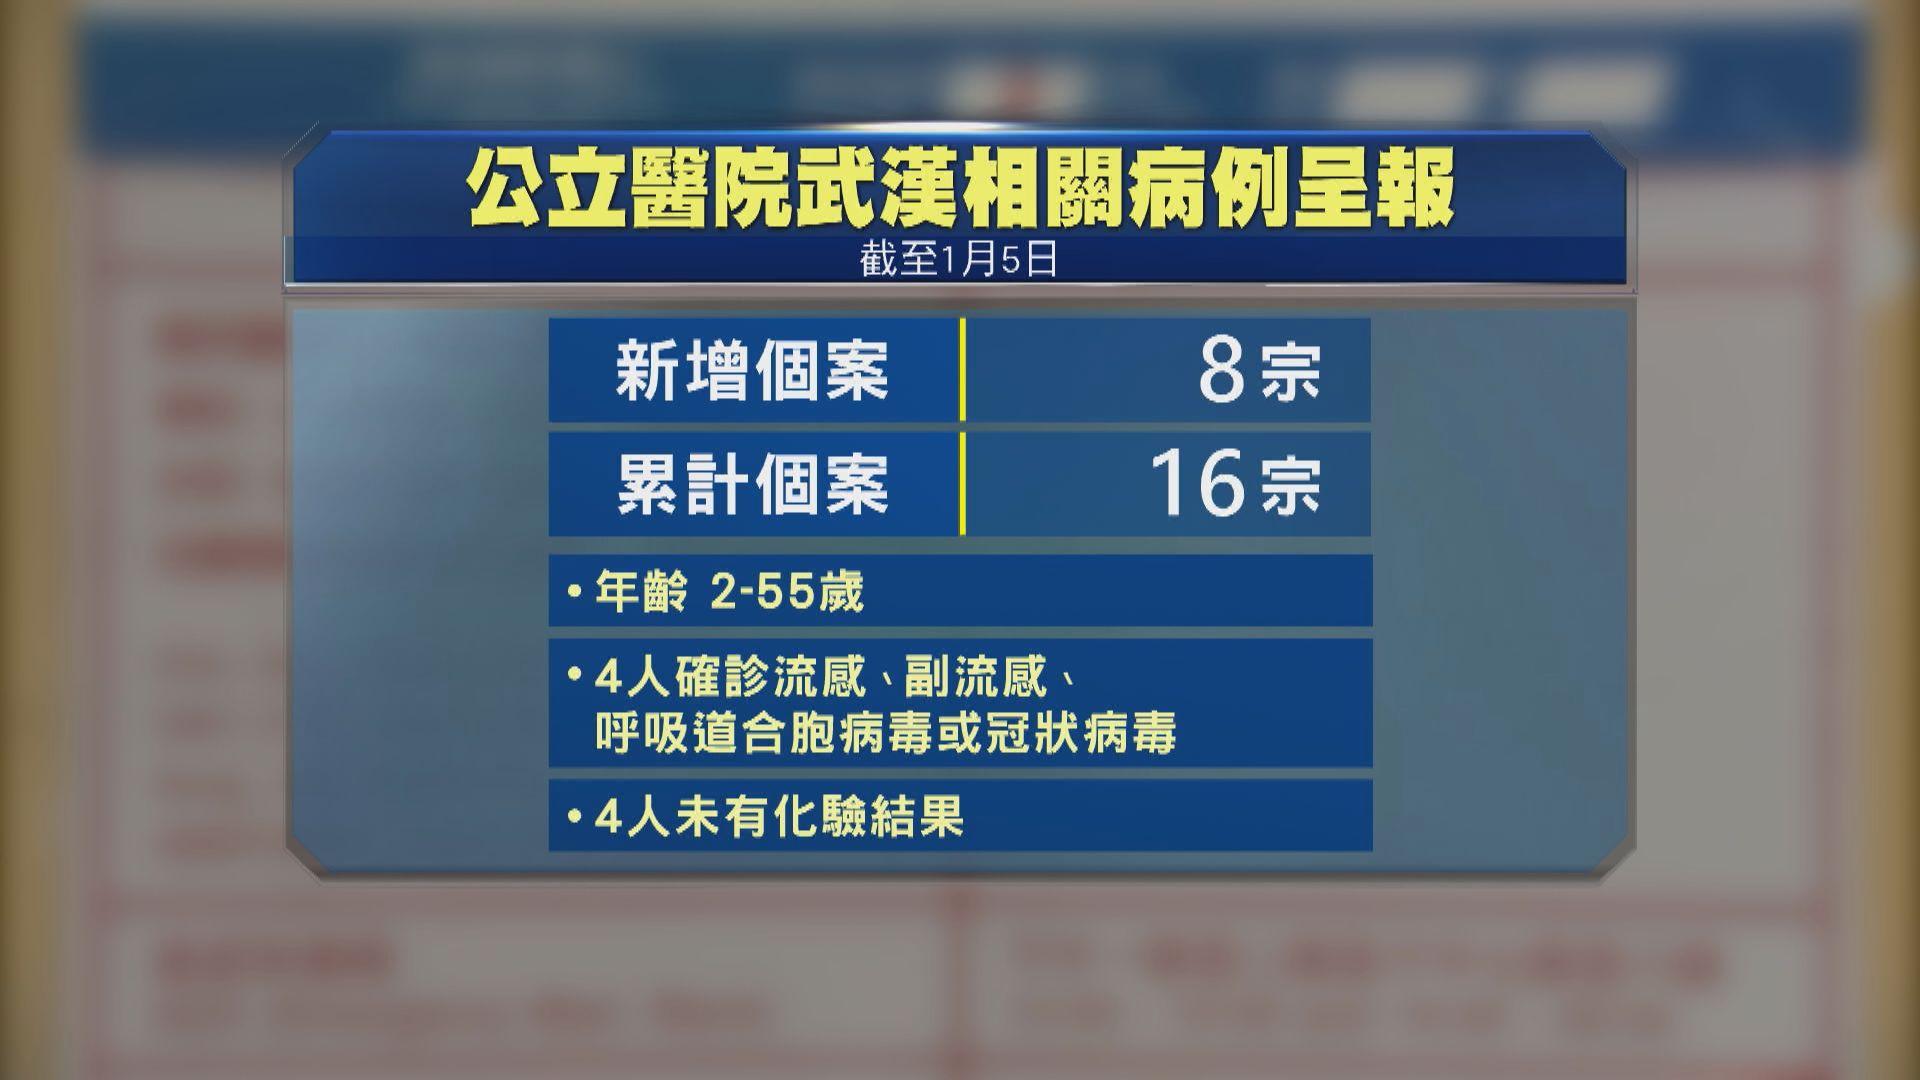 本港新增八人武漢返港現感染病徵 總數增至十六人